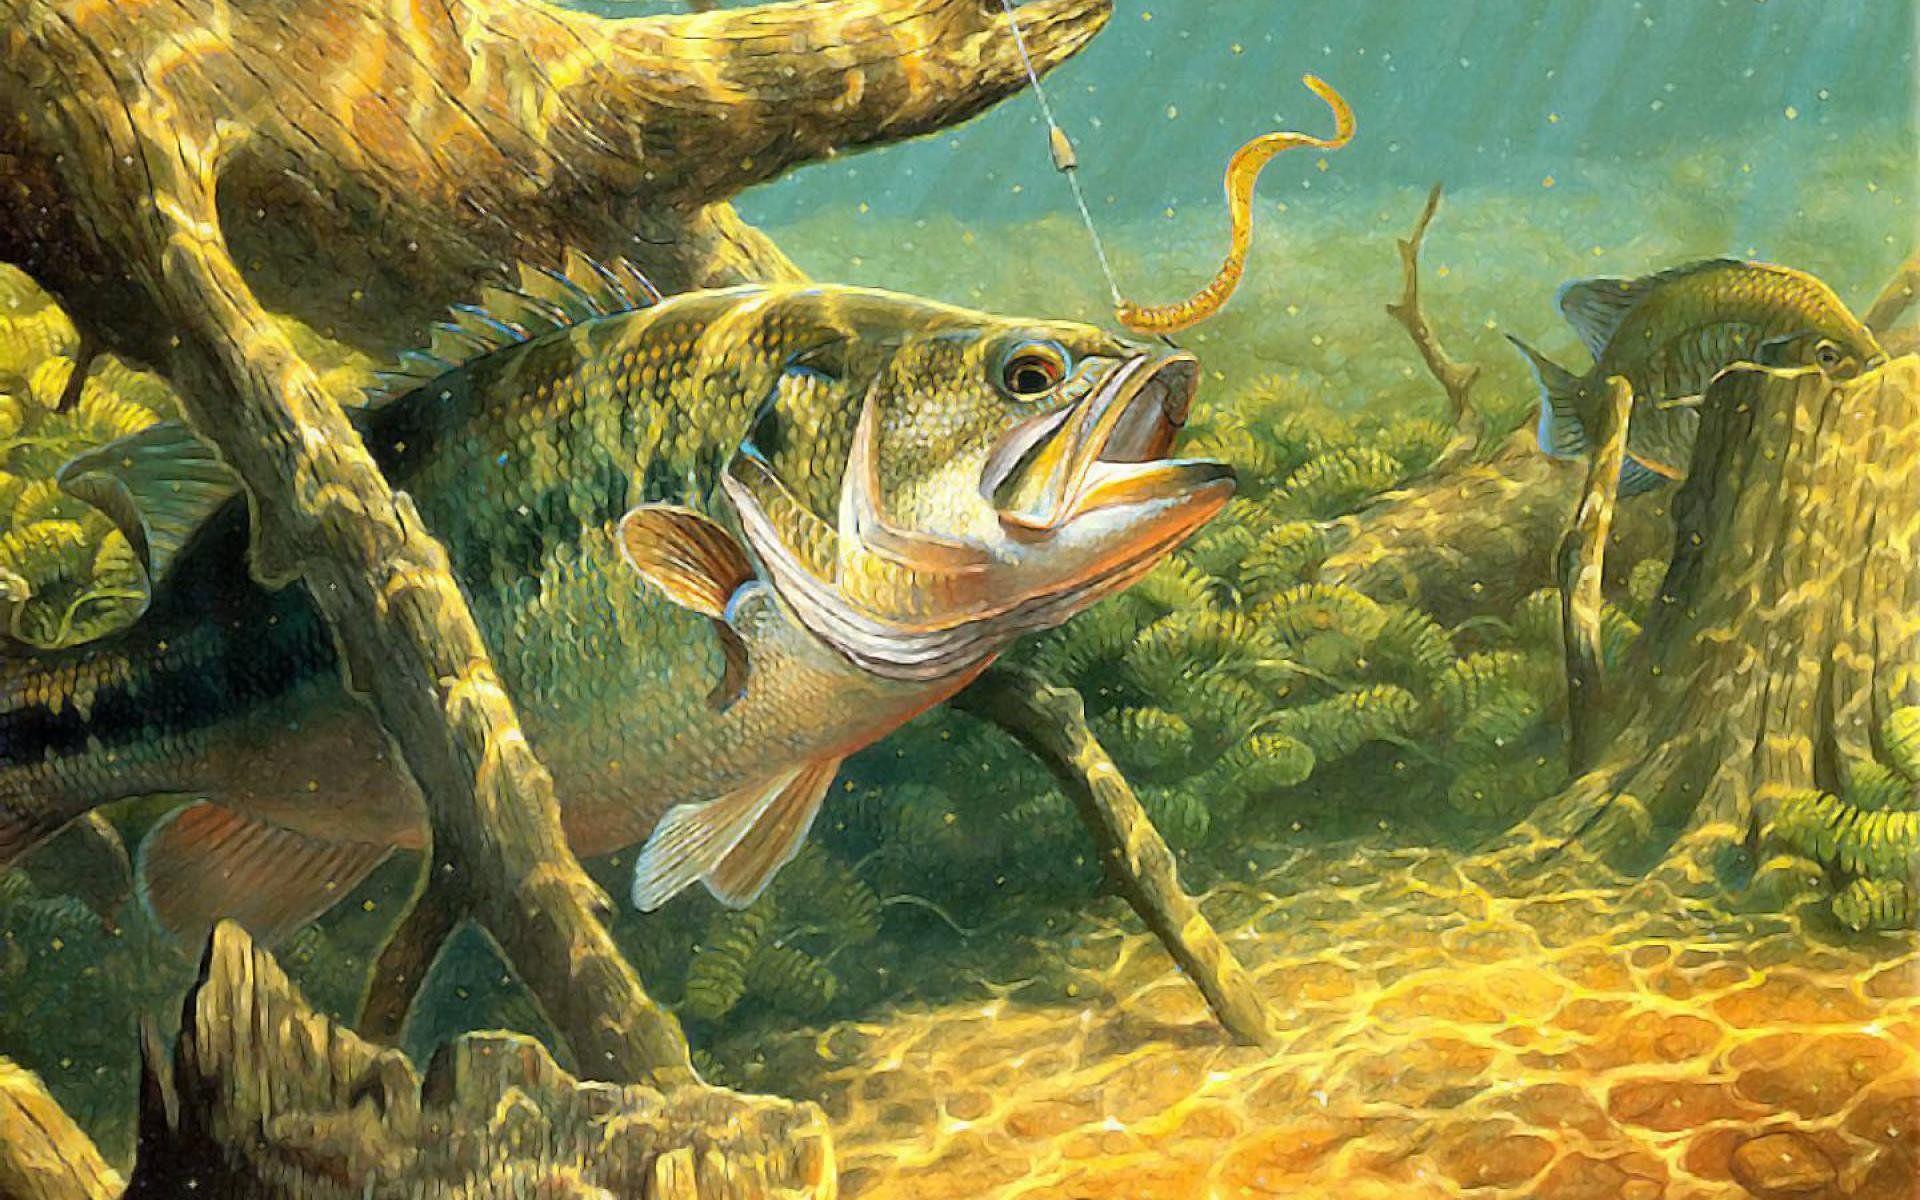 картинки для декупажа рыбалка в хорошем качестве должен